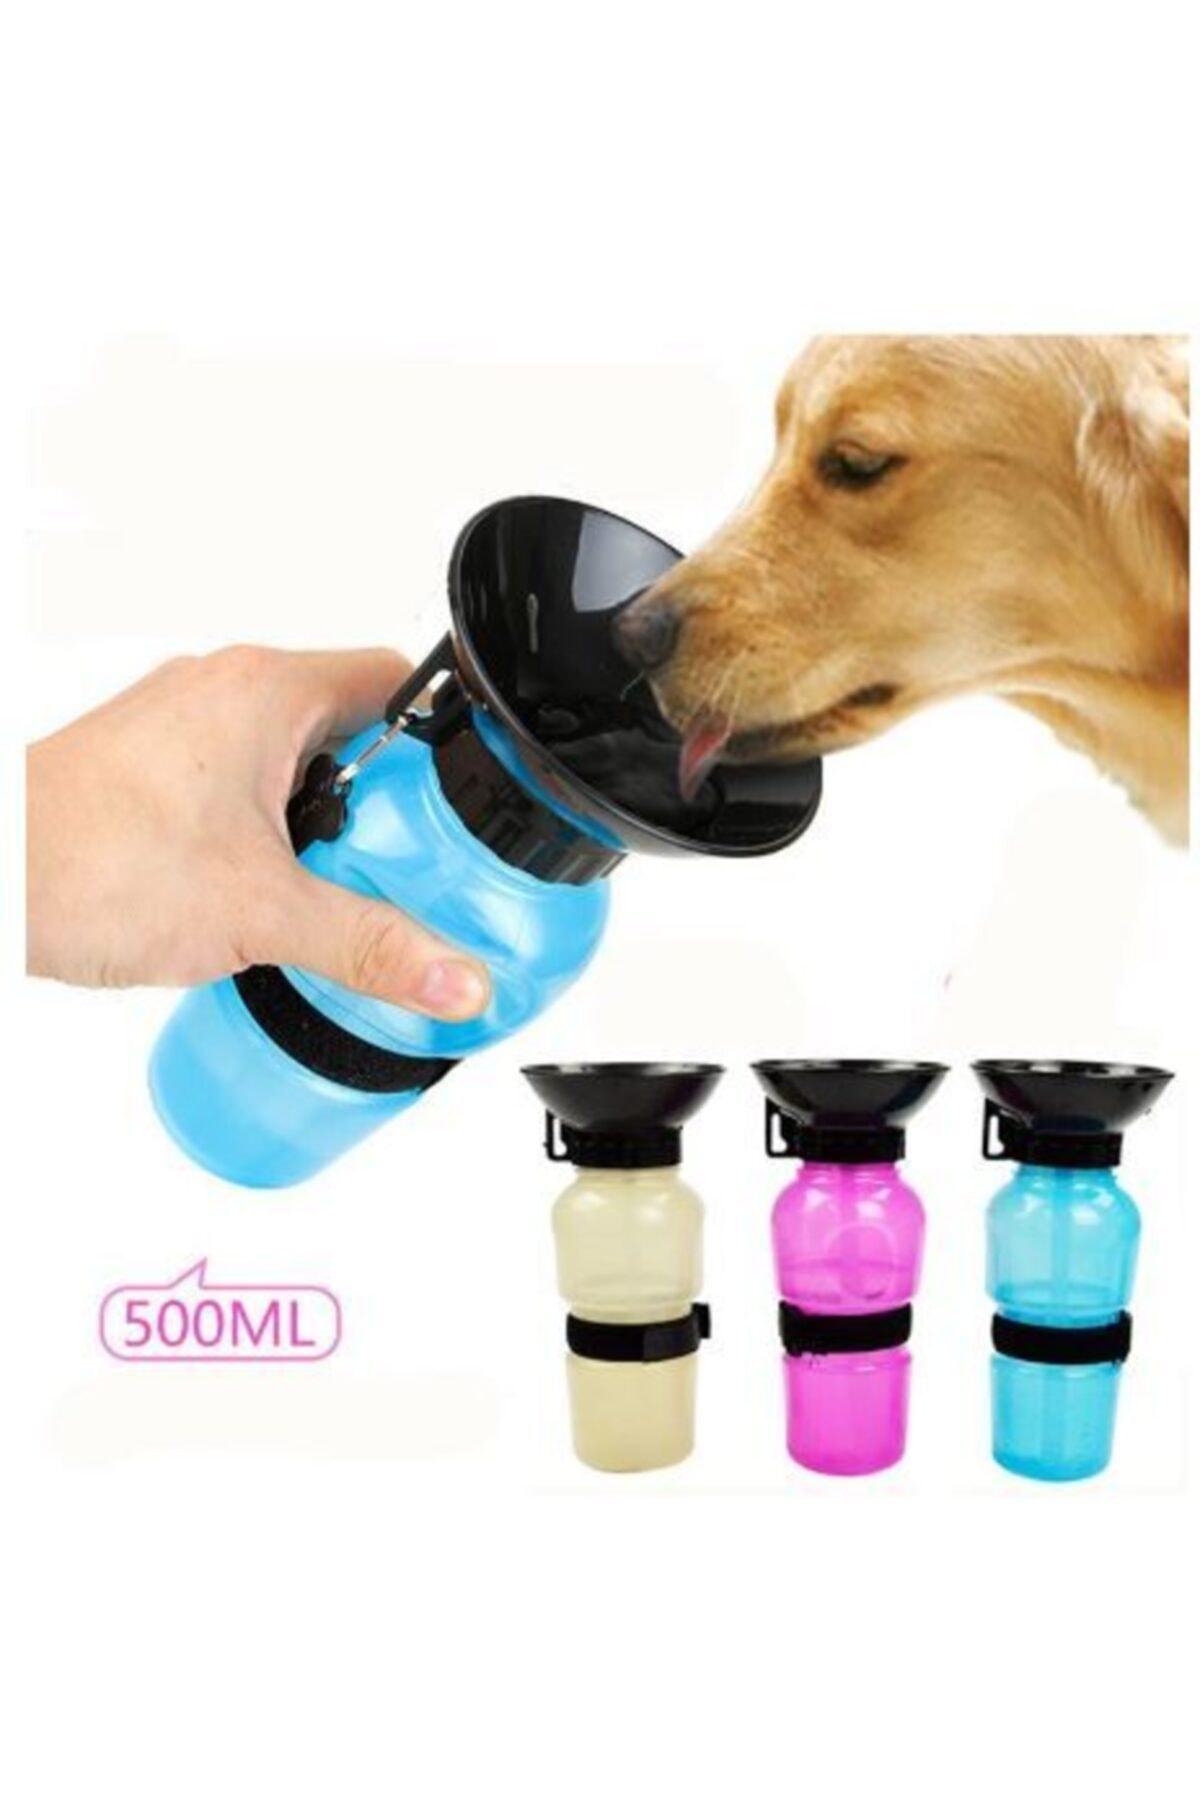 500ml Köpek Seyahat Suluğu Su Şişesi (Mavi)